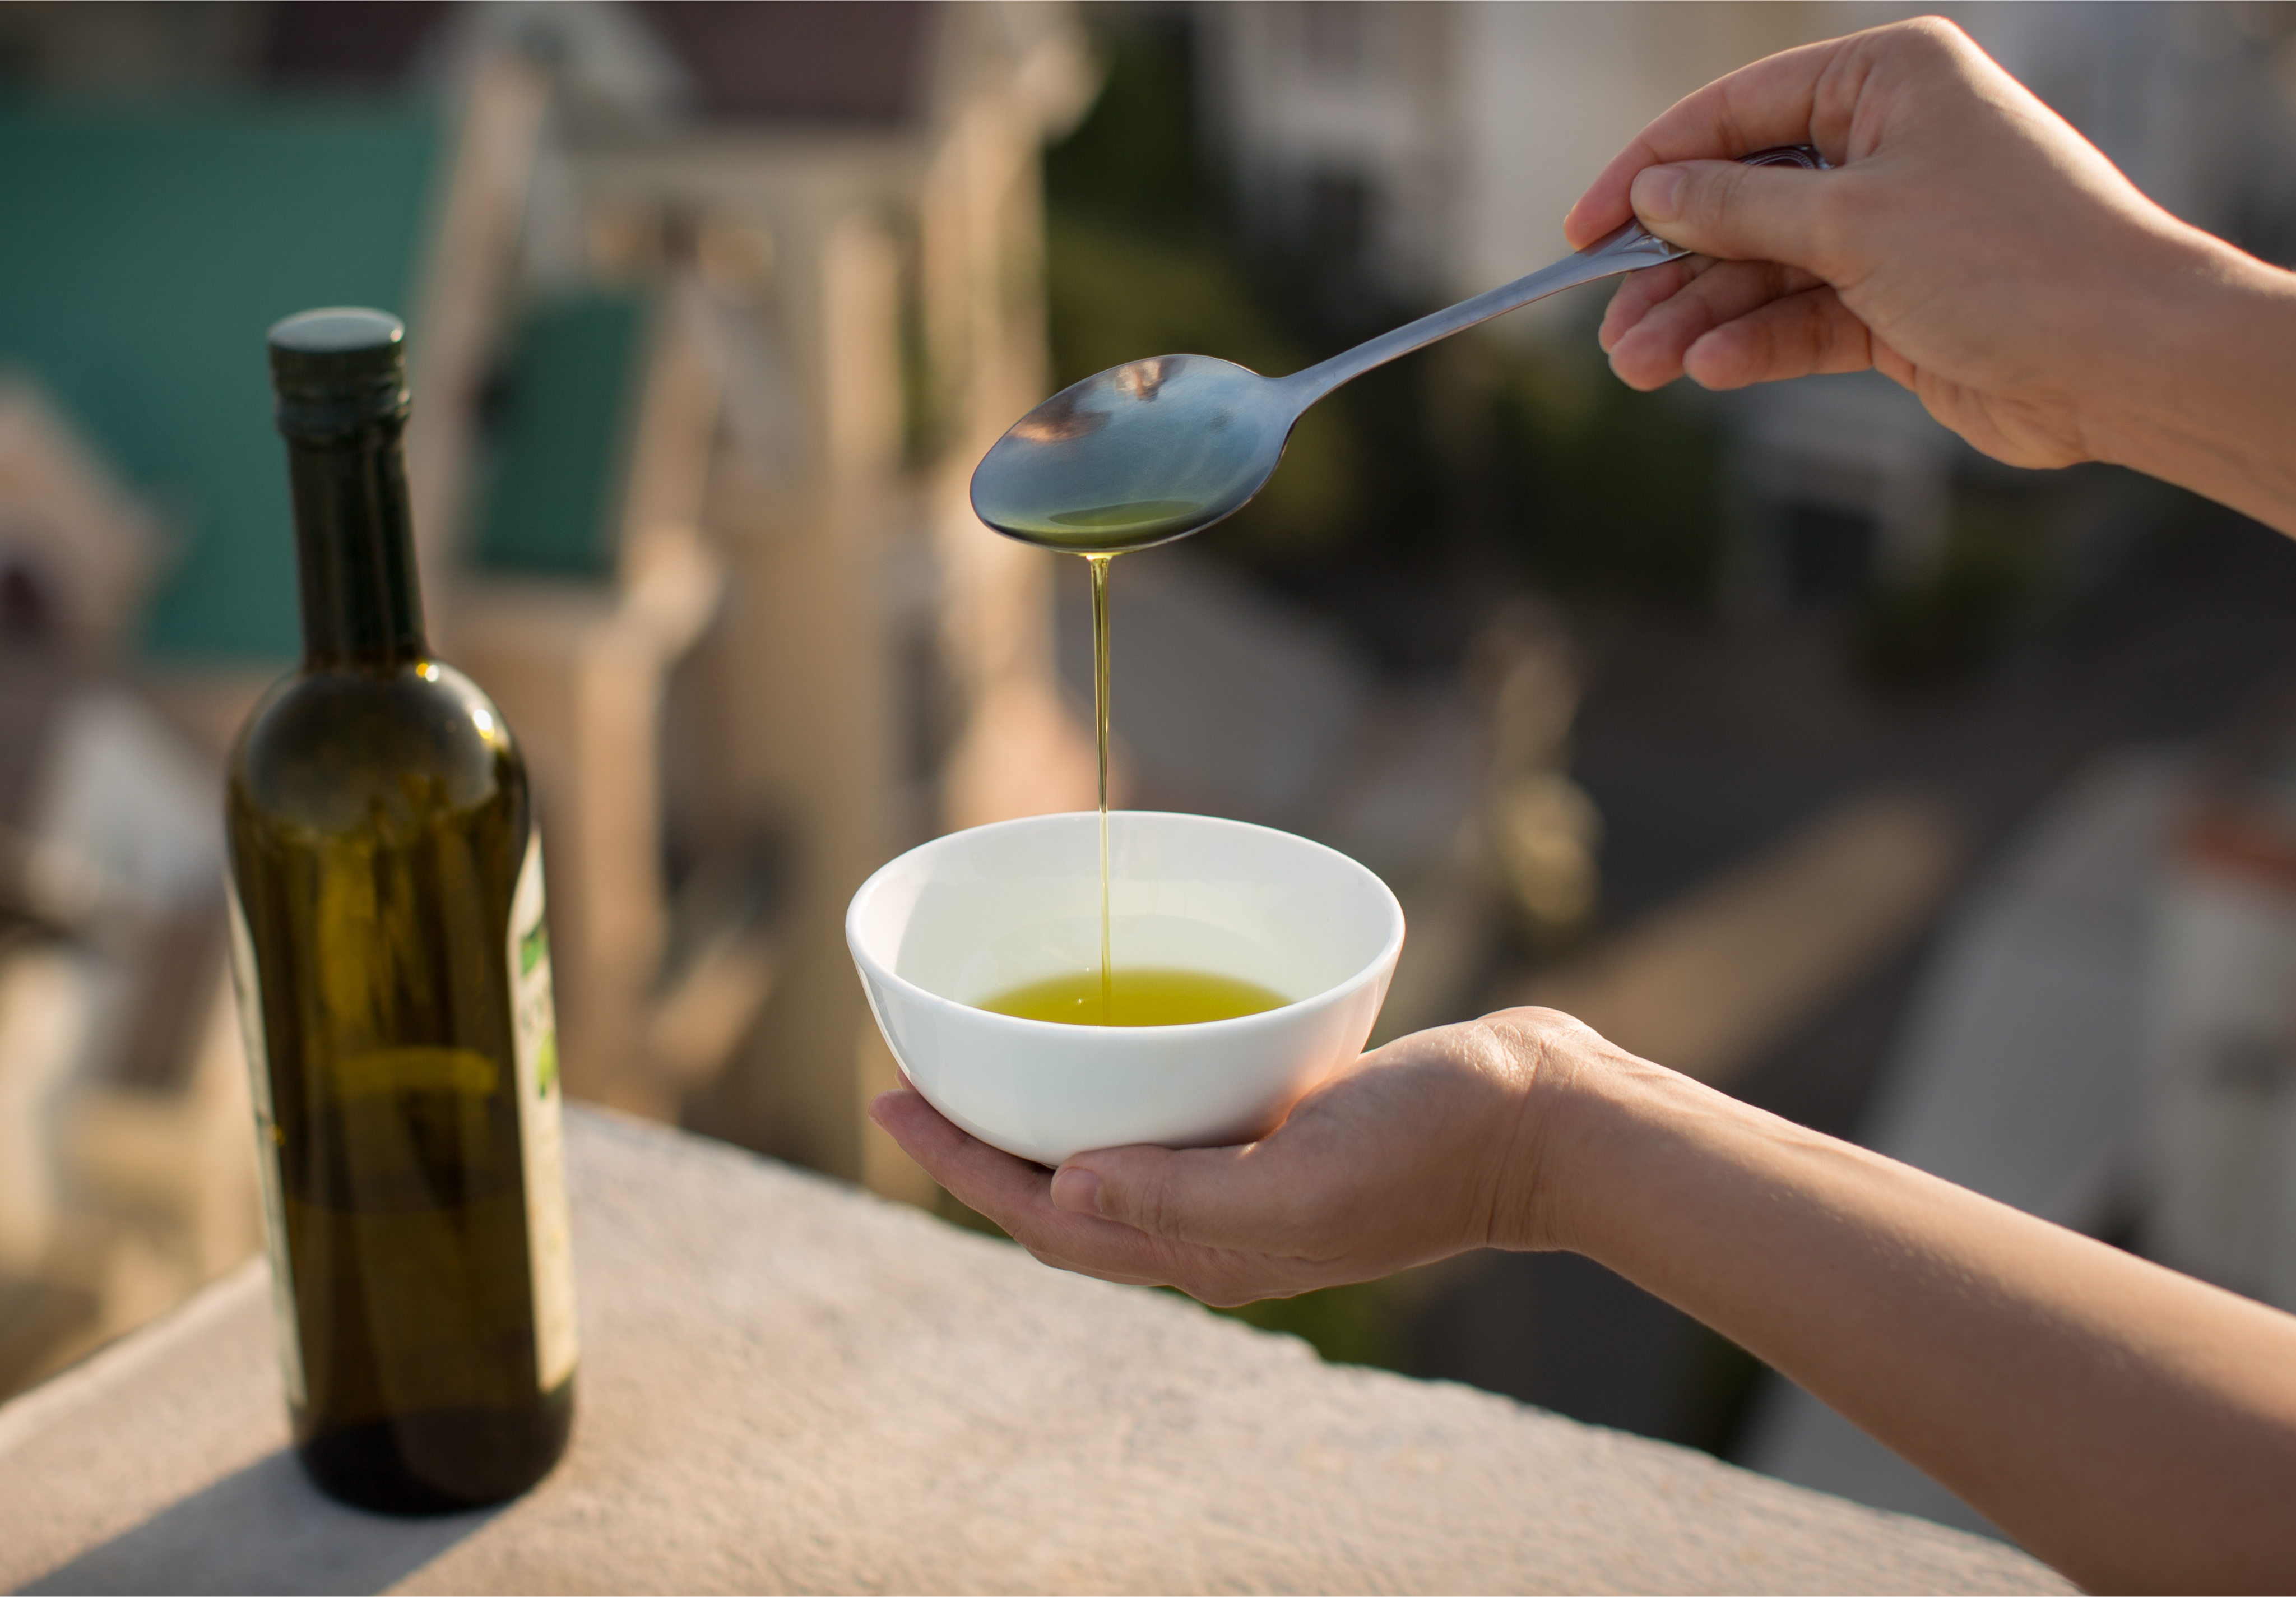 Las propiedades del aceite de oliva en la fertilidad y en tratamientos como la Fecundación in Vitro